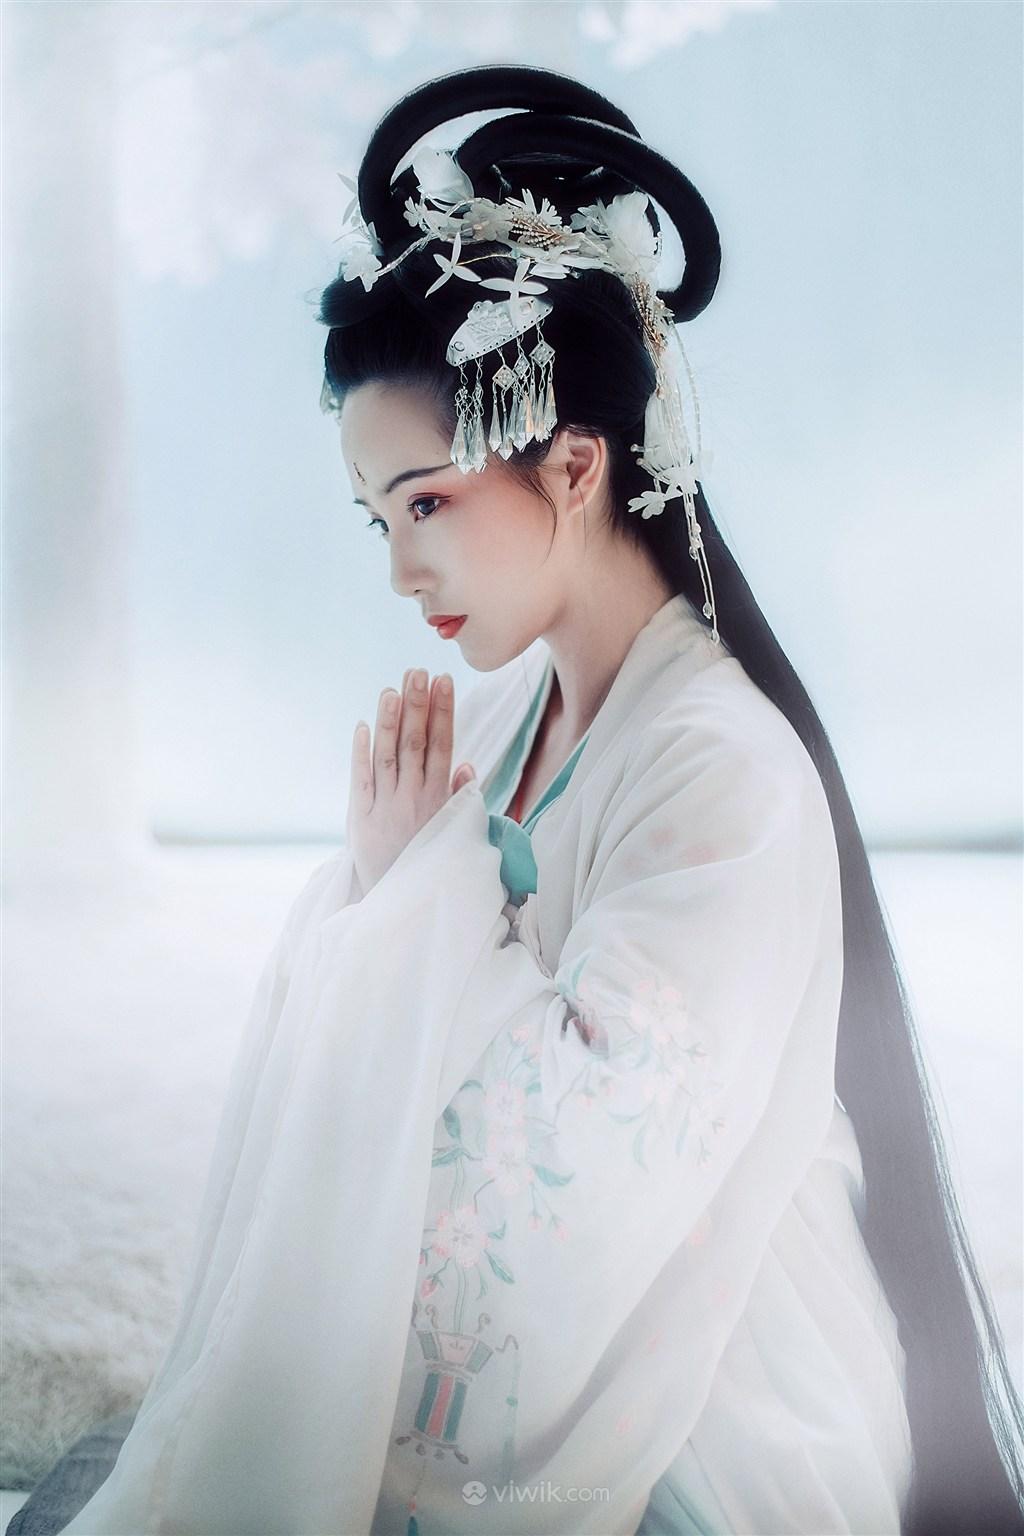 合掌祈祷的古装美女图片